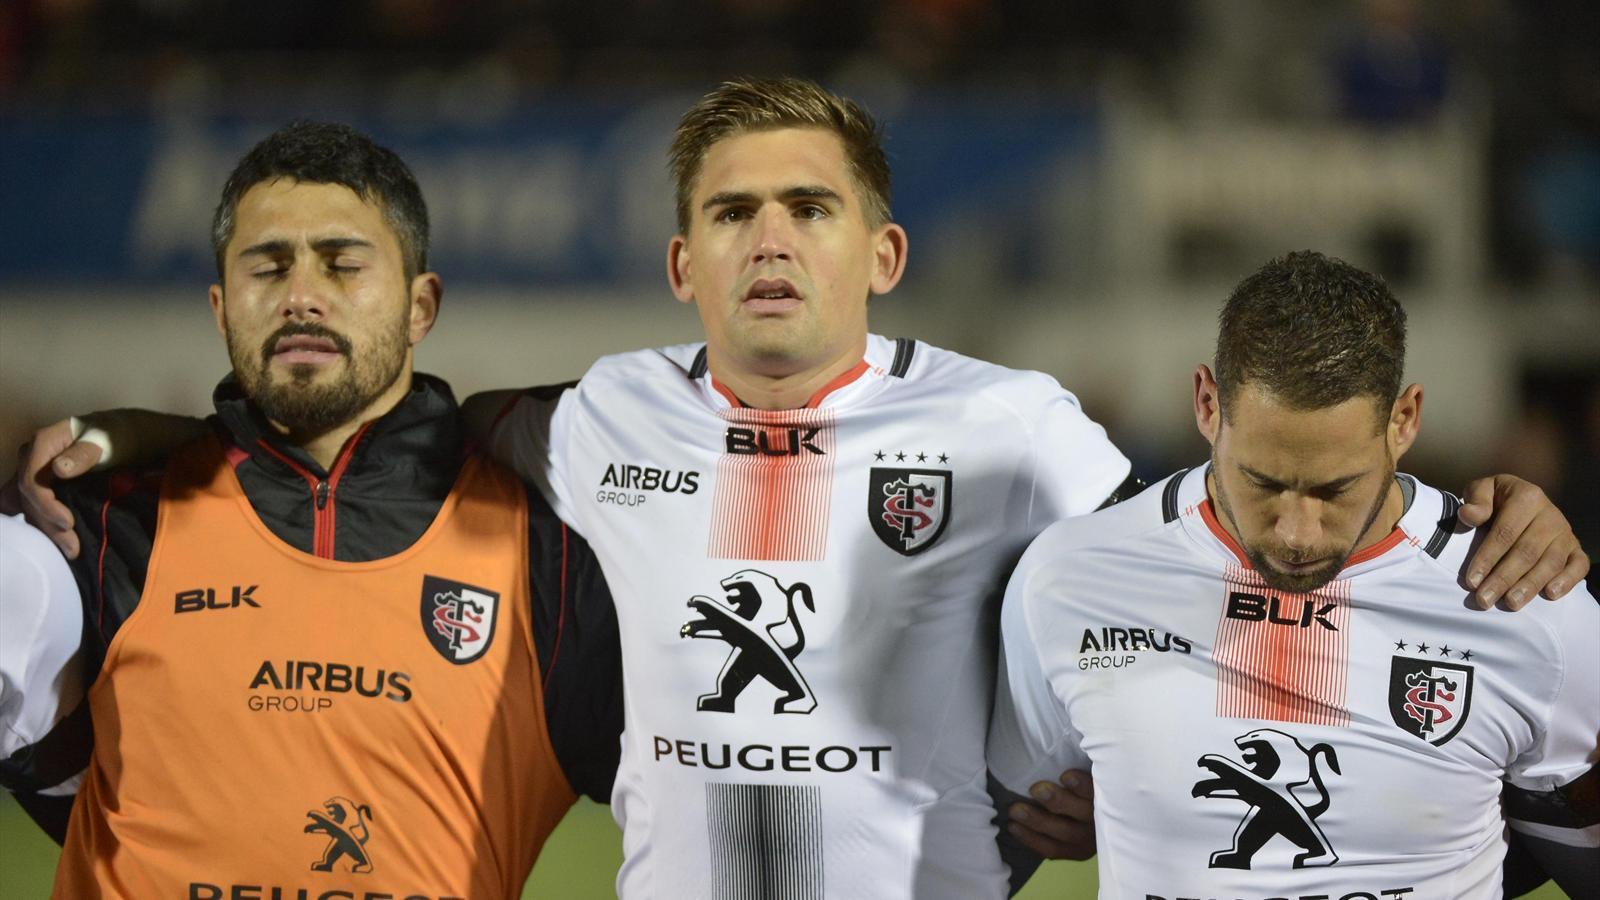 Toby Flood lors de la Marseillaise avant Saracens-Stade toulousain